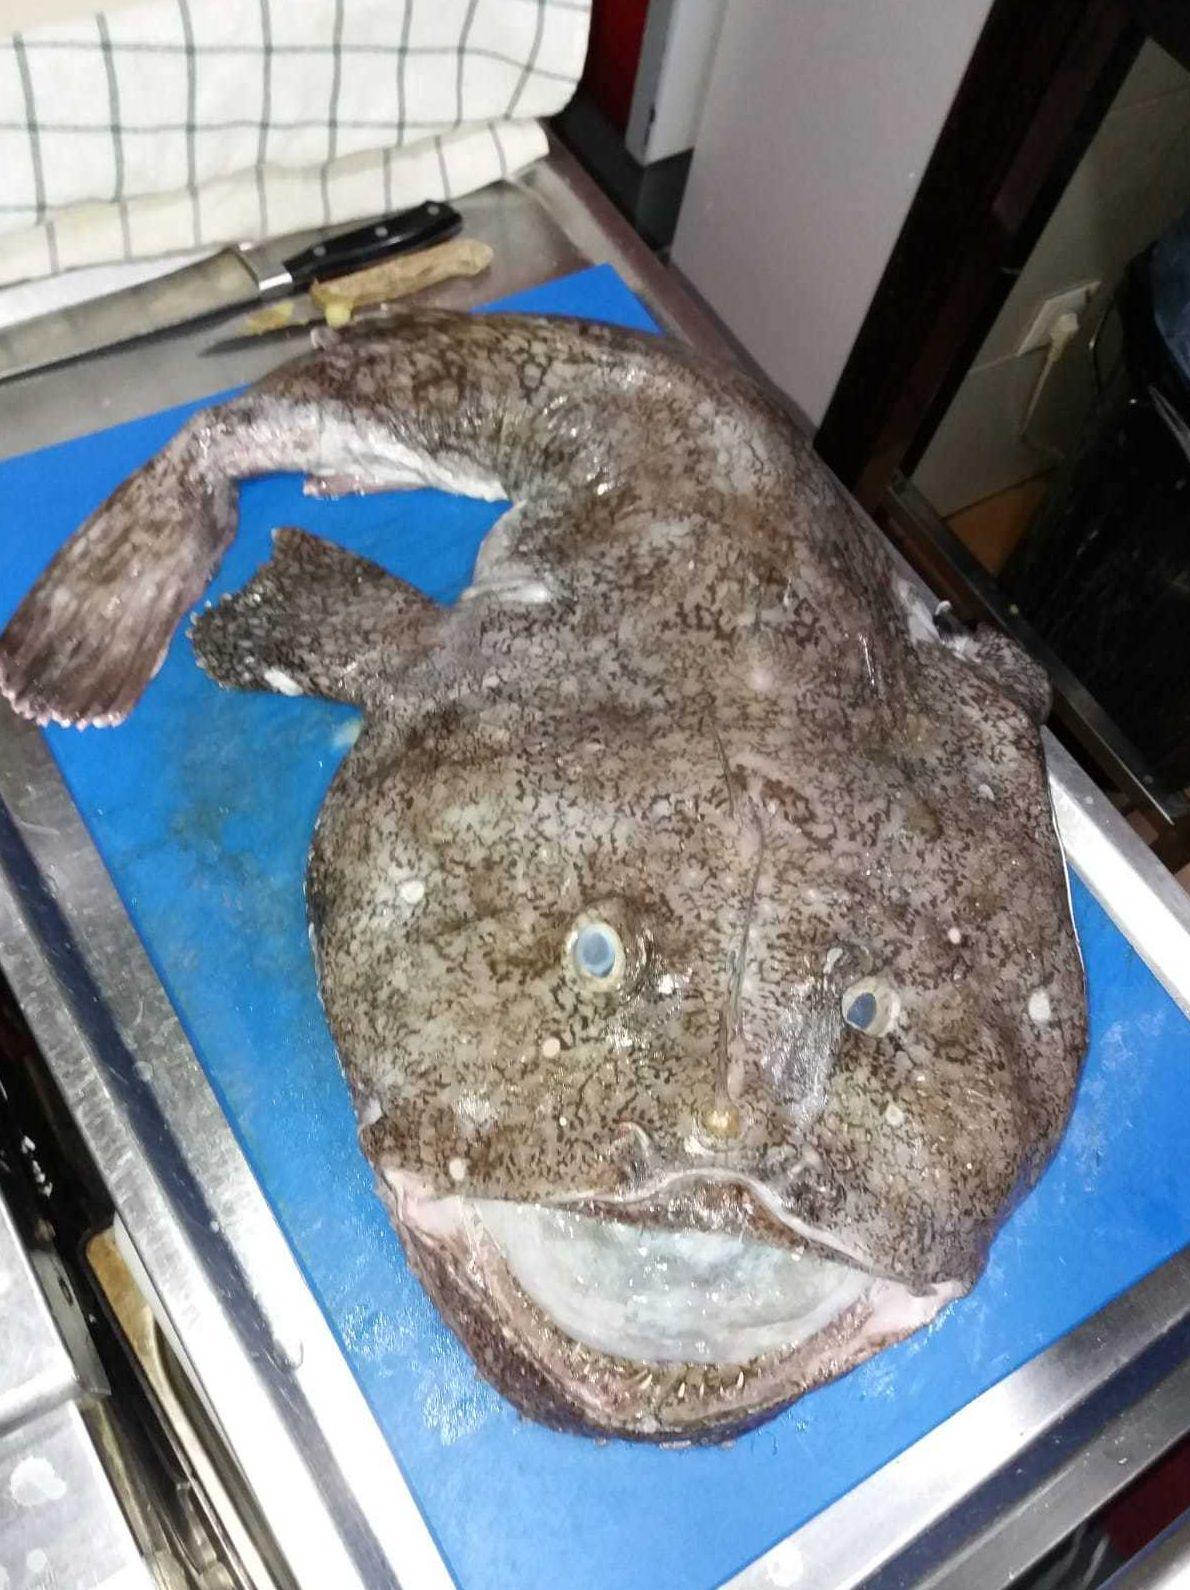 Restaurante especializado en pescados en Morón de la Frontera